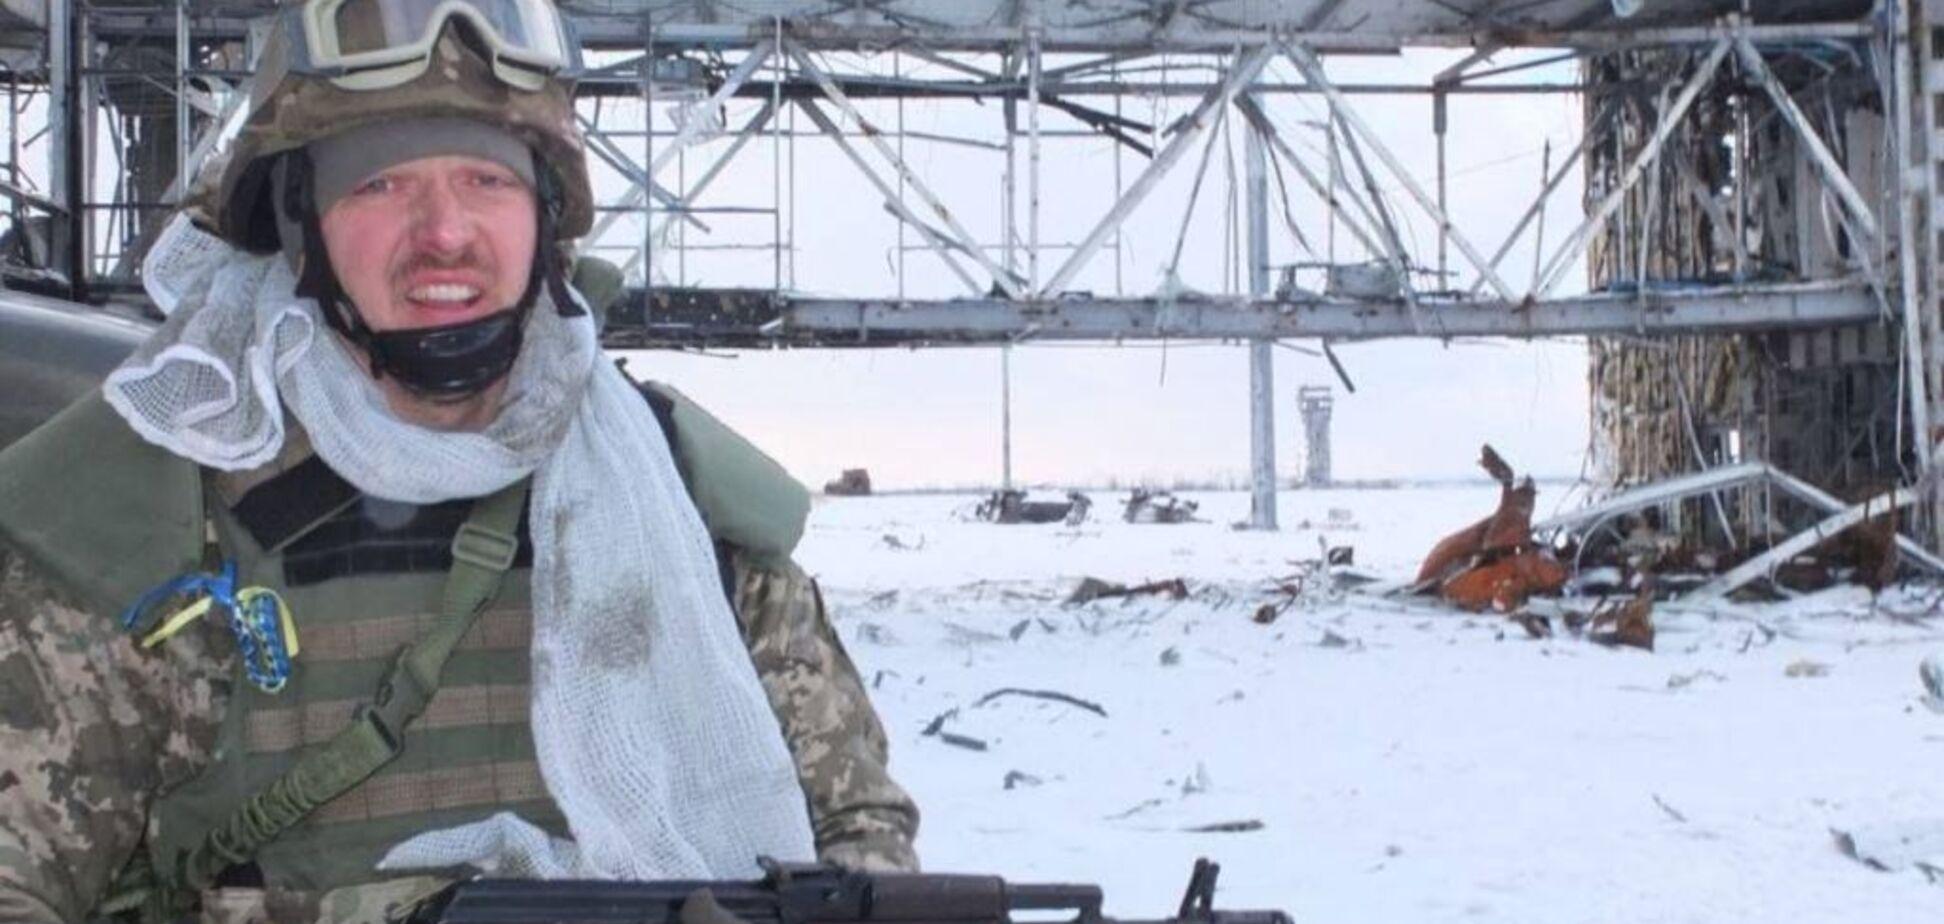 ''Виїдали очі дітям!'' Кіборг розкрив дикий фейк ''ДНР'' про українських воїнів